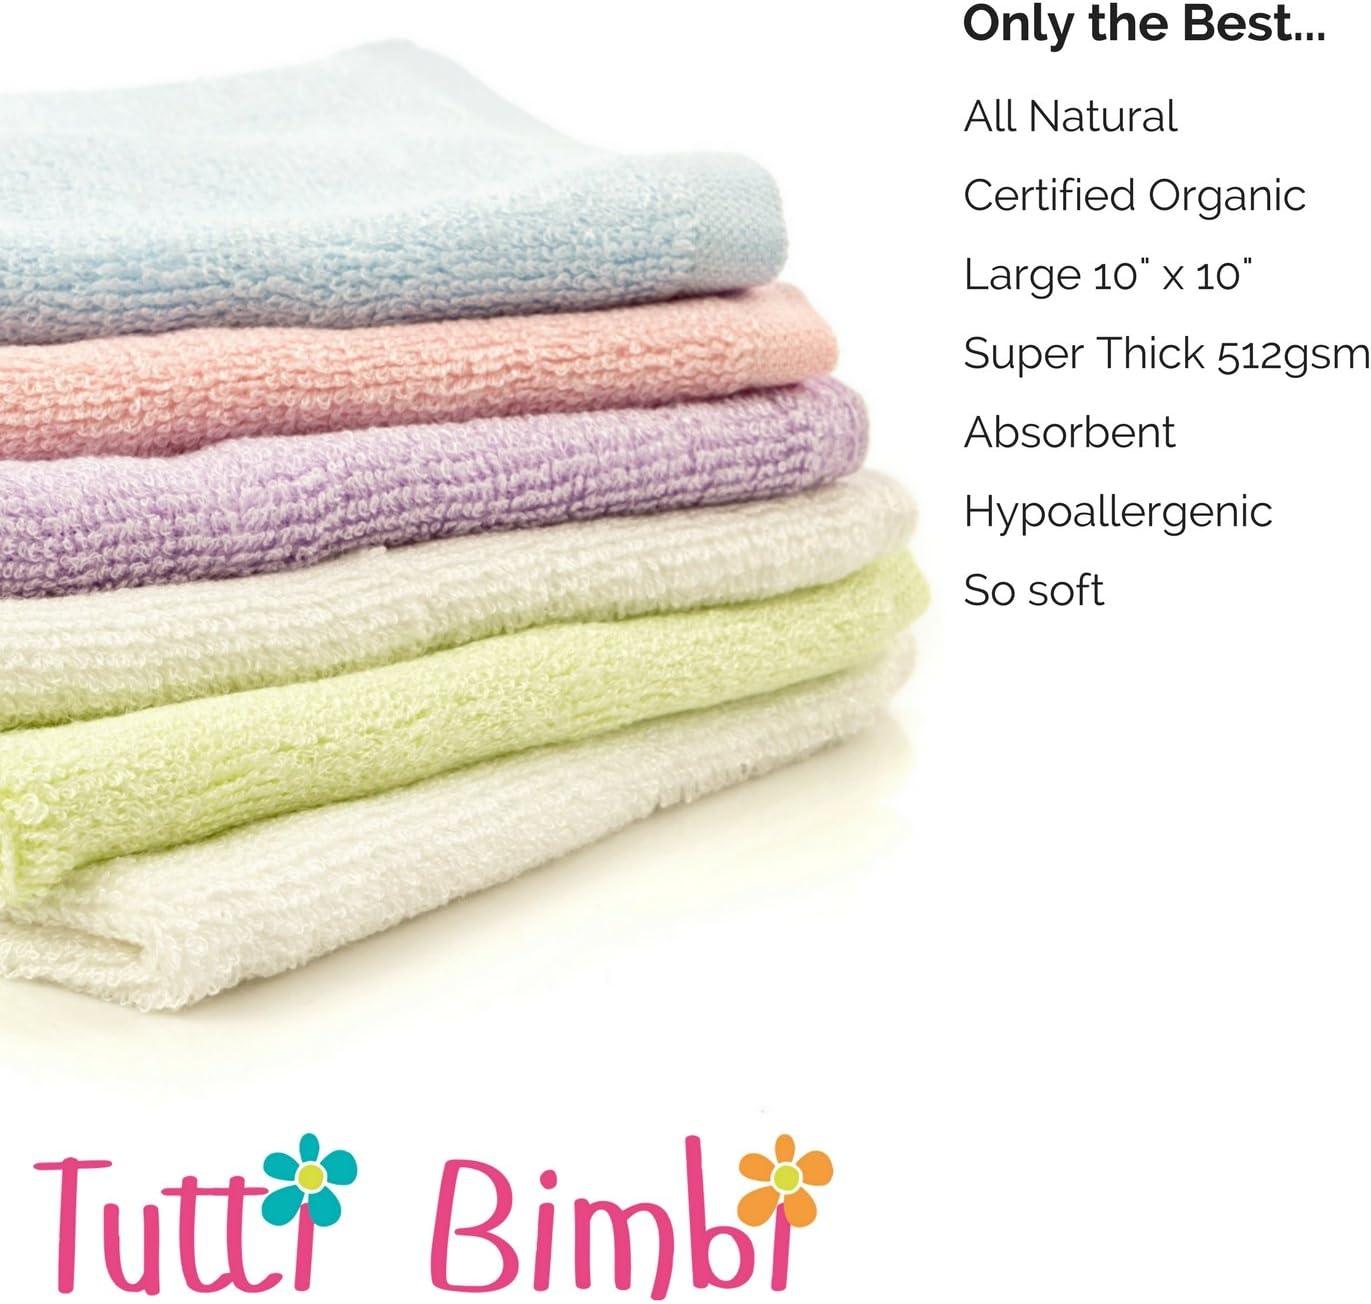 Tutti BimbiGant de toilette en flanelle de b/éb/é en bambou certifi/é biologique blanche